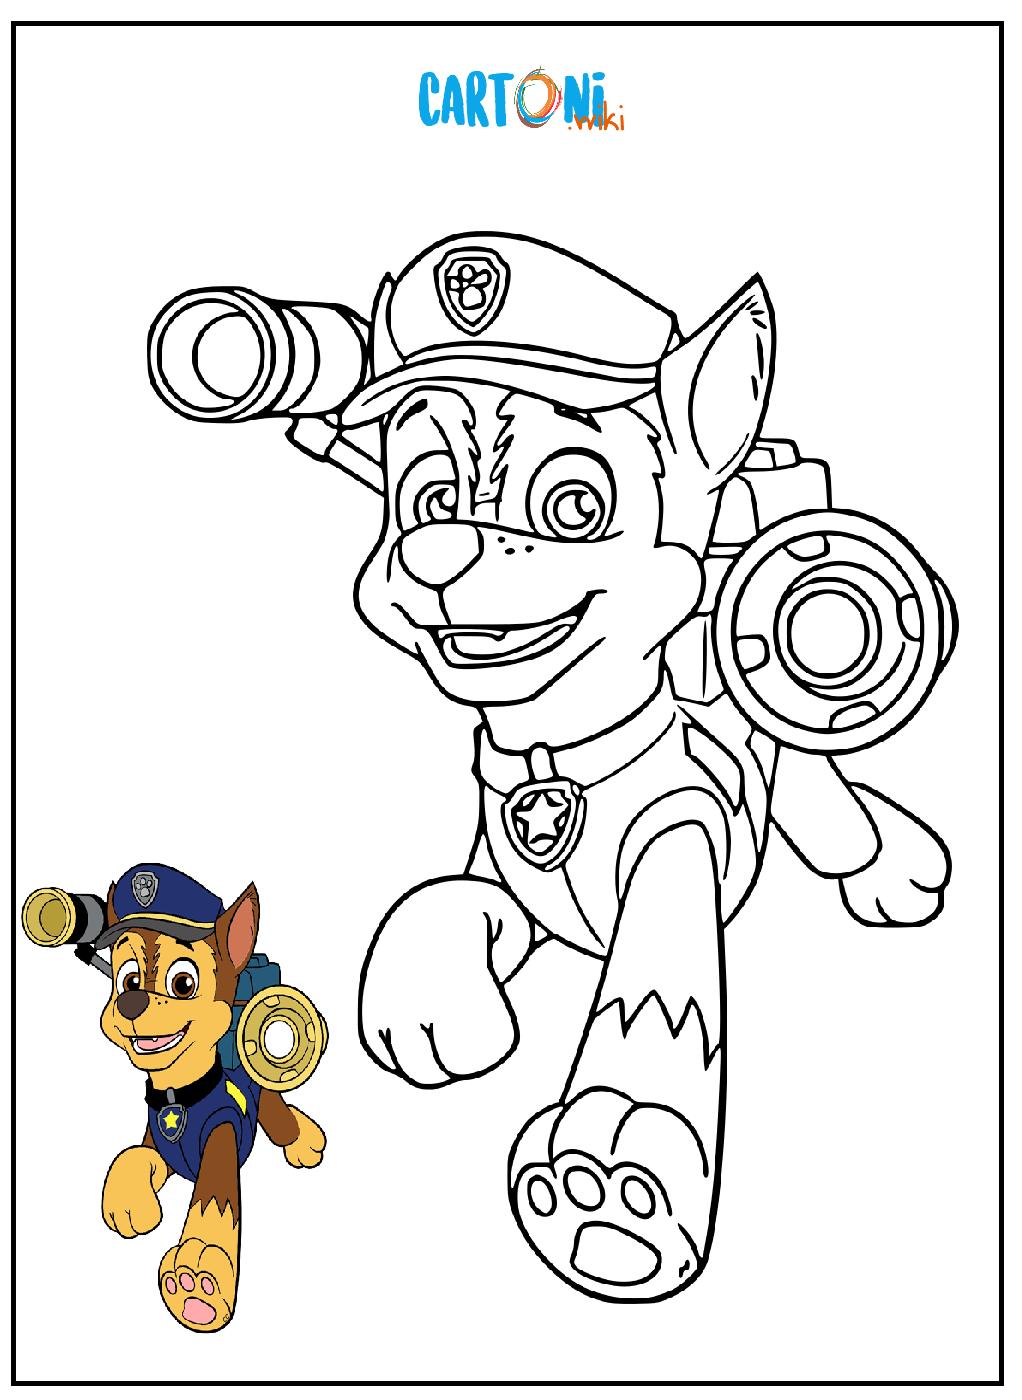 Paw Patrol Disegni Da Colorare Cartoni Animati